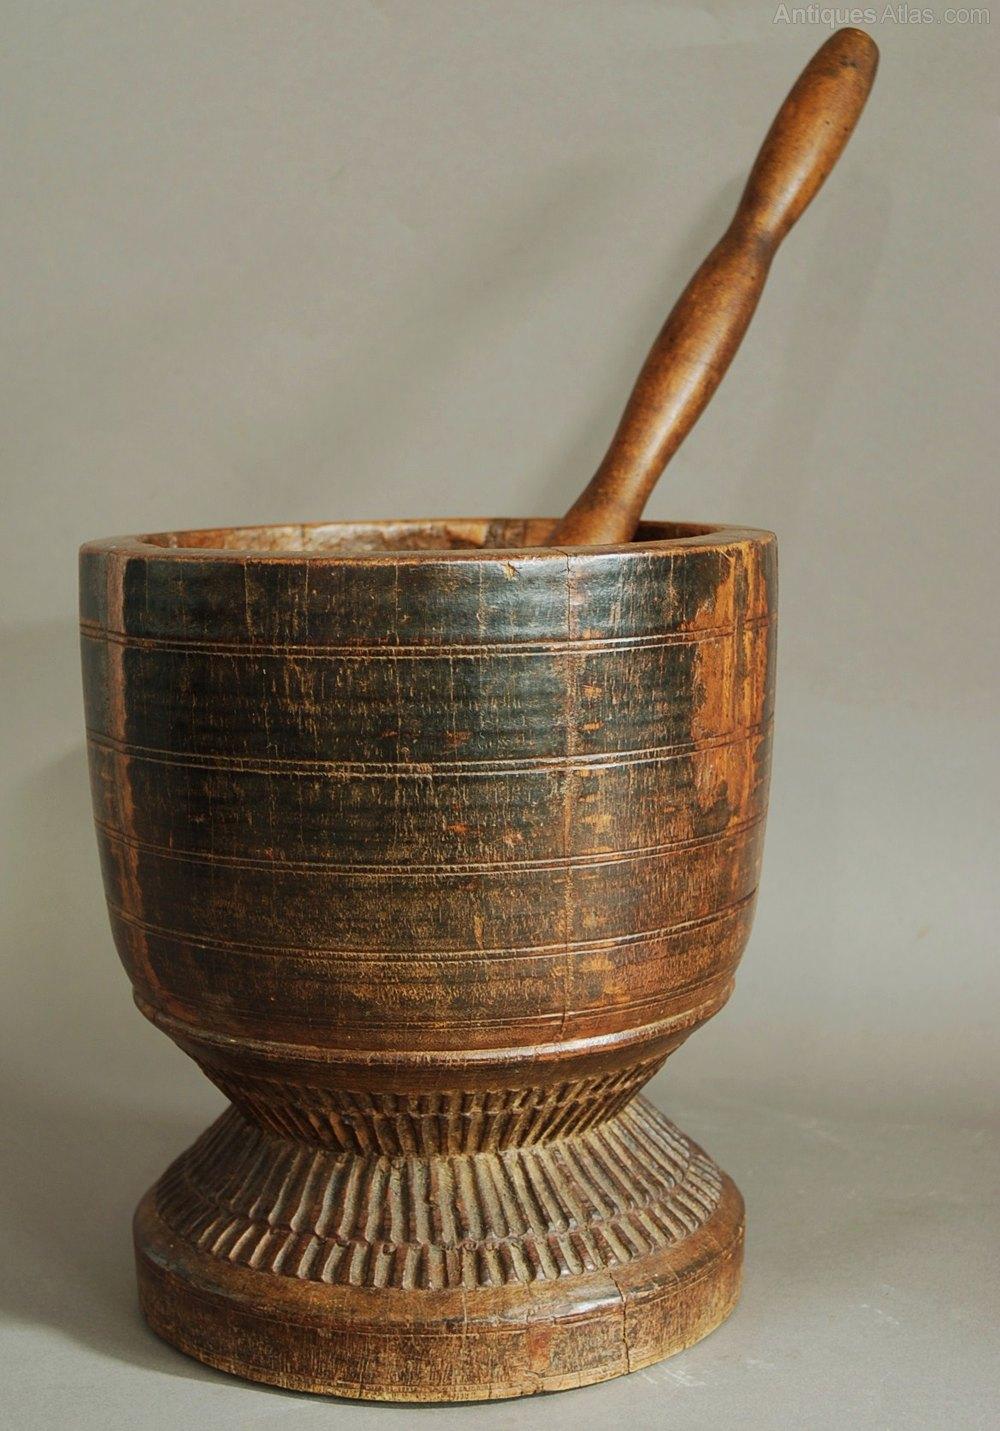 Large Decorative Flower Pots: Large & Decorative Pestle & Mortar